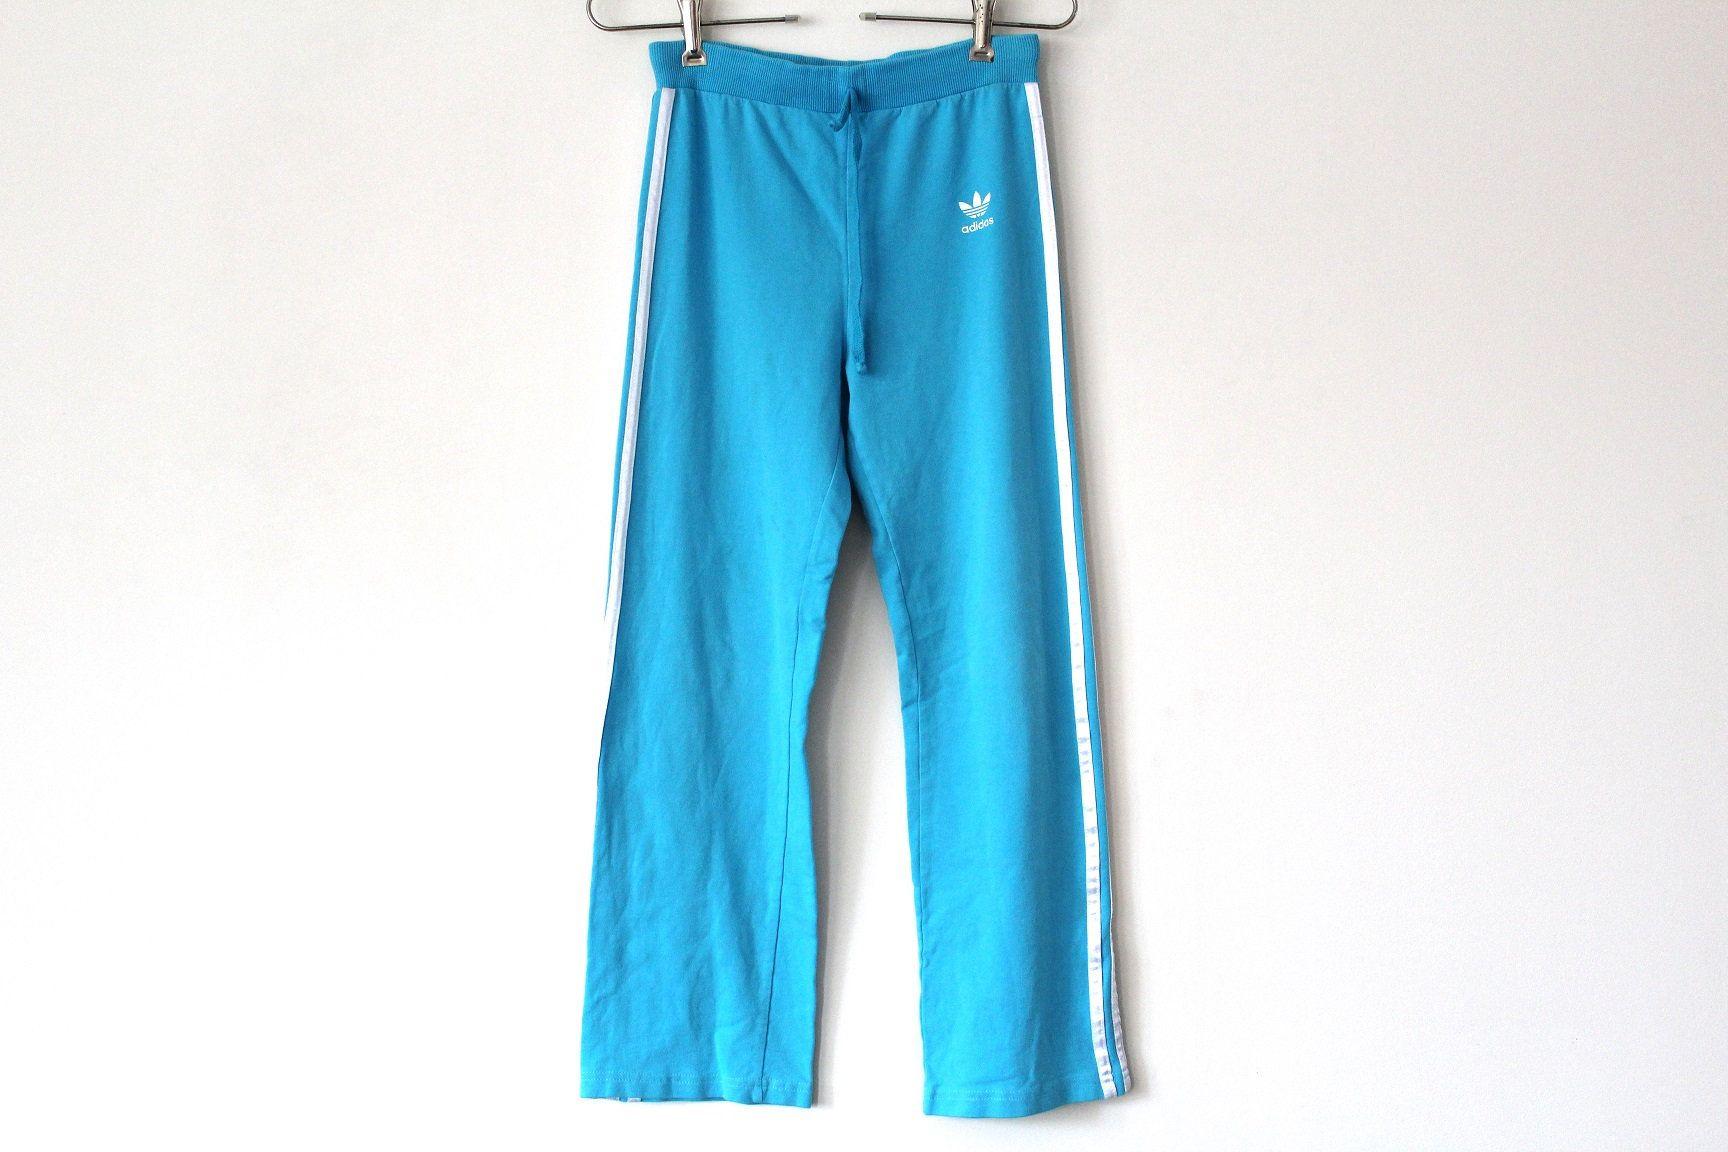 Blue Adidas Pants Vintage Adidas Track Pants Trefoil Adidas